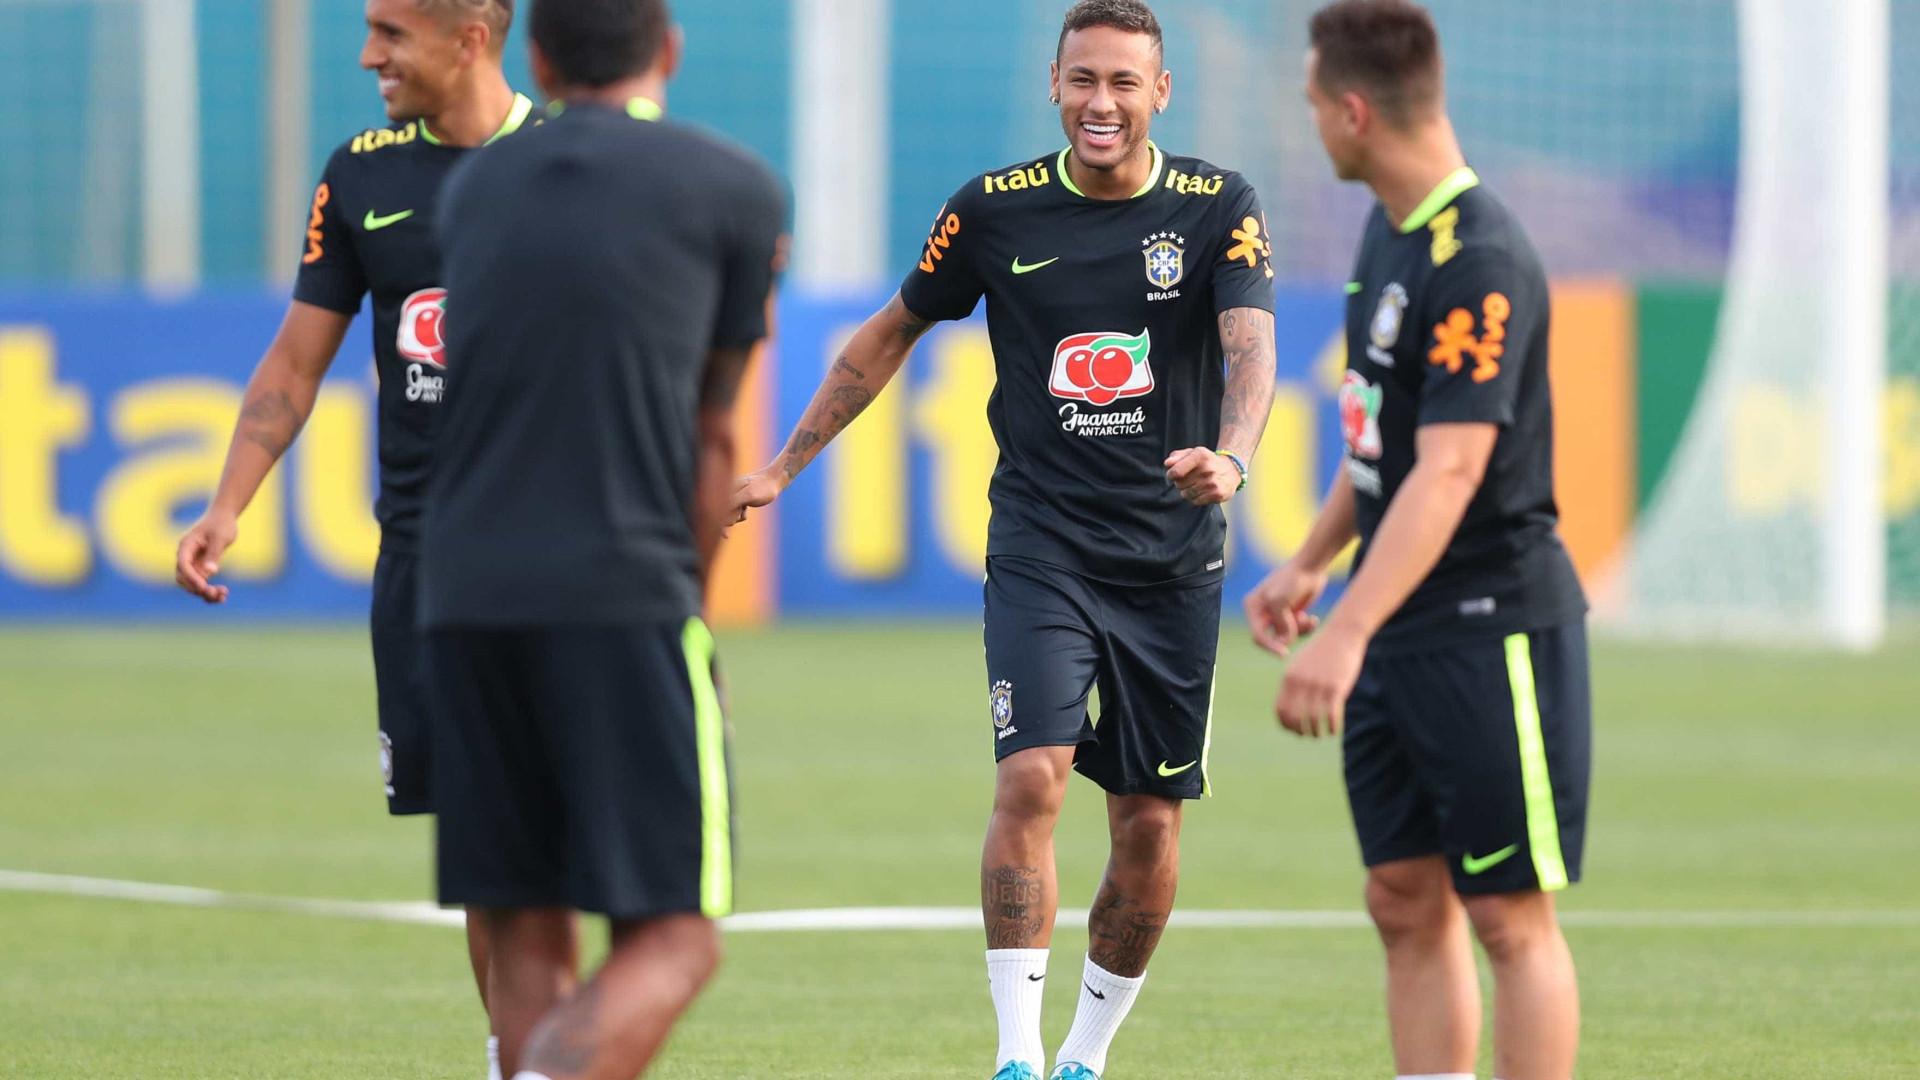 naom 59a5568237817 - A um ano da Copa do Mundo, Neymar tem maior descanso da carreira